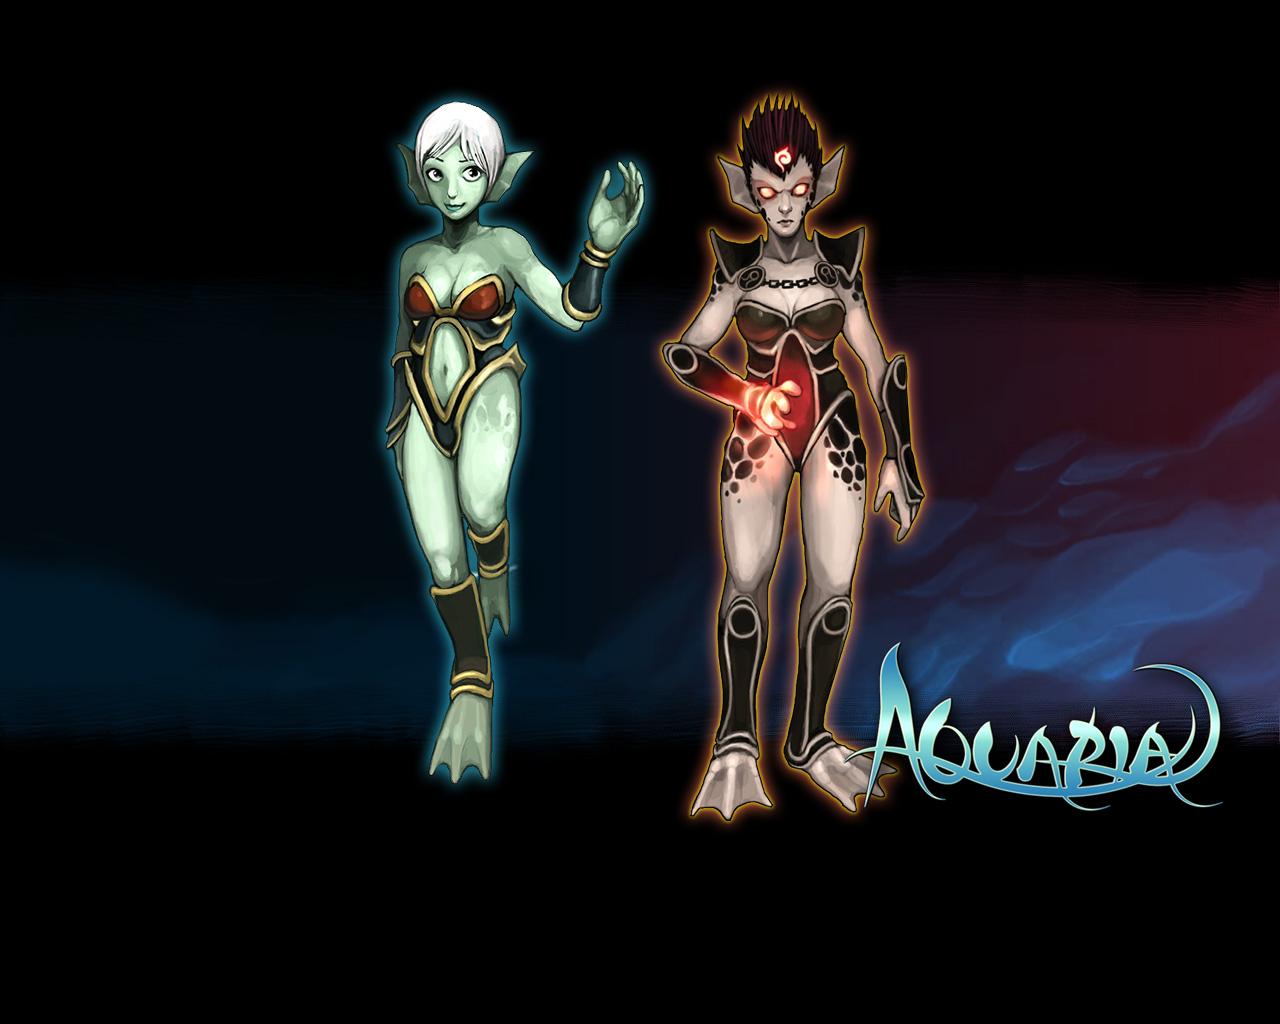 Aquaria - Bit Blot